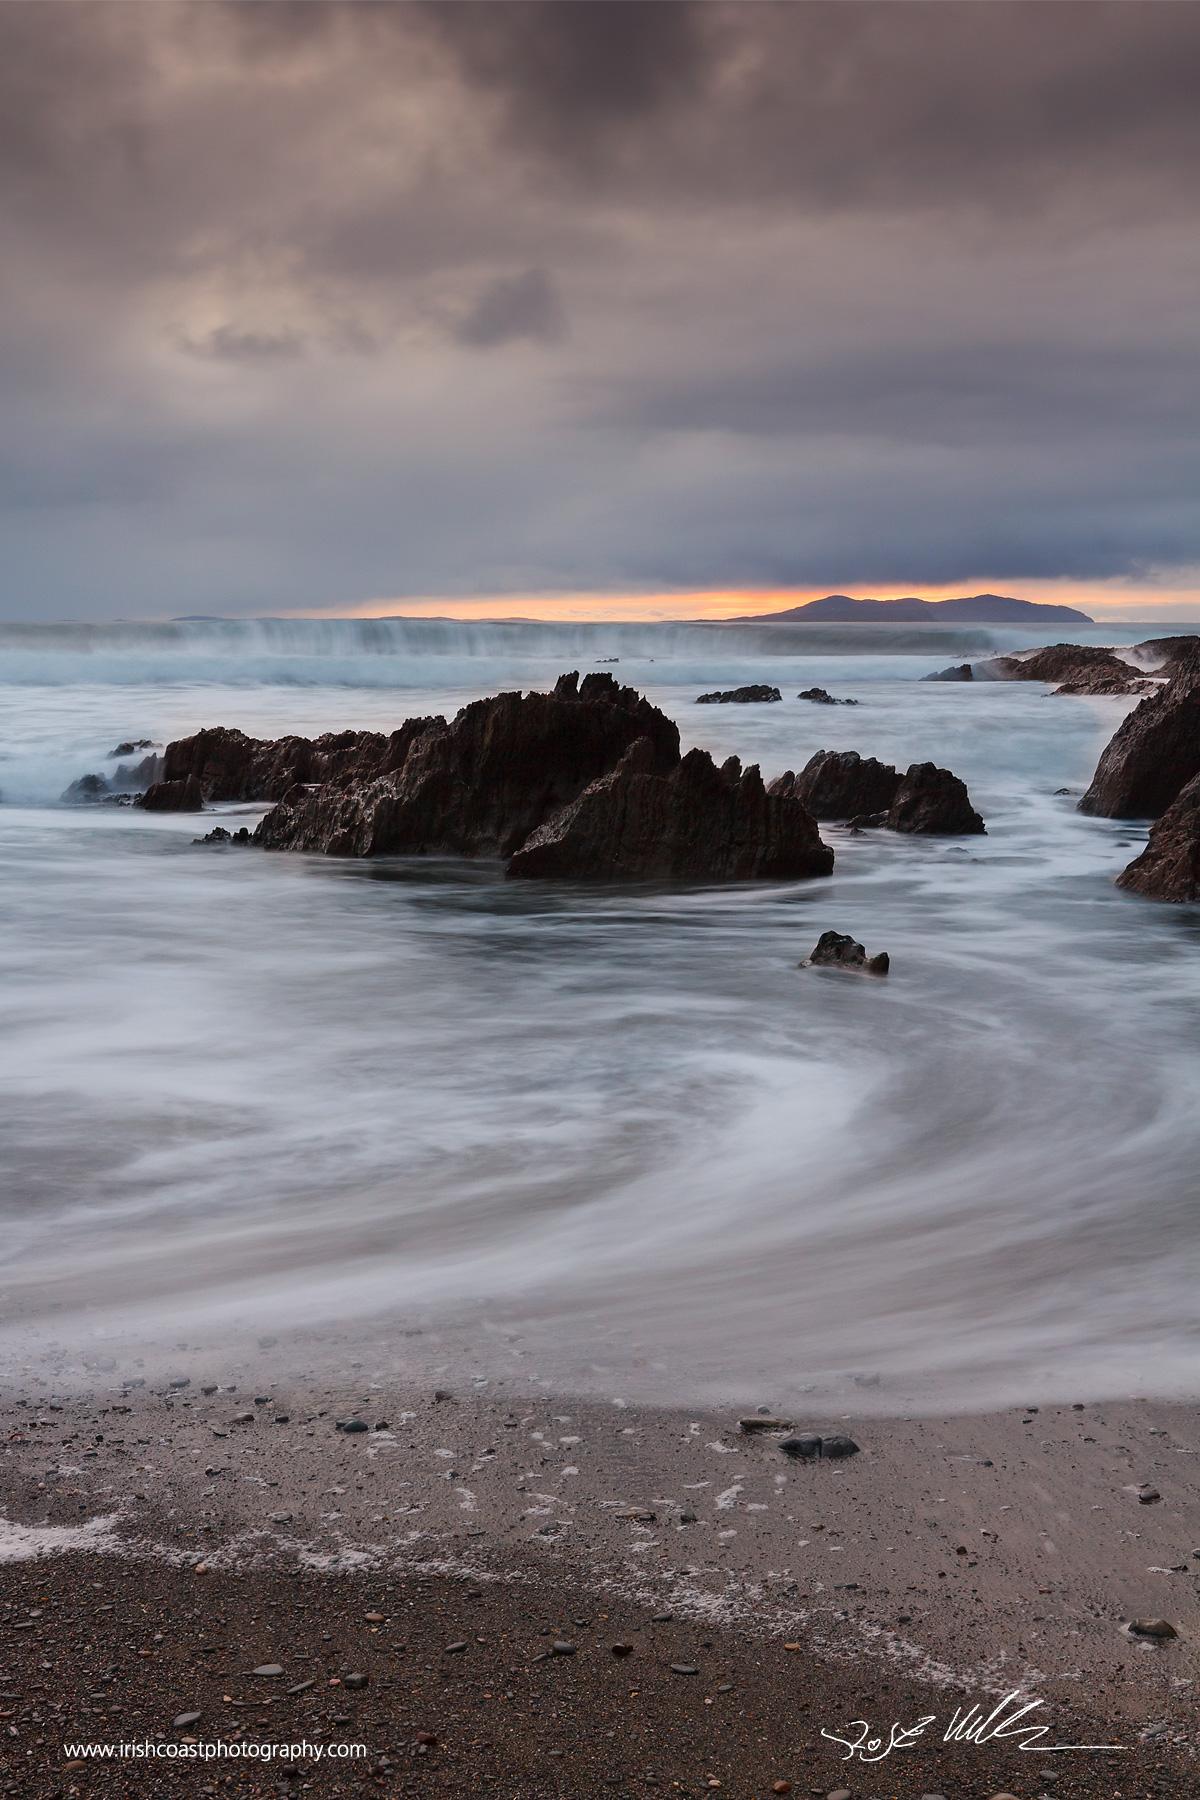 Emlagh-gloomy-sunset-14-11-17.jpg